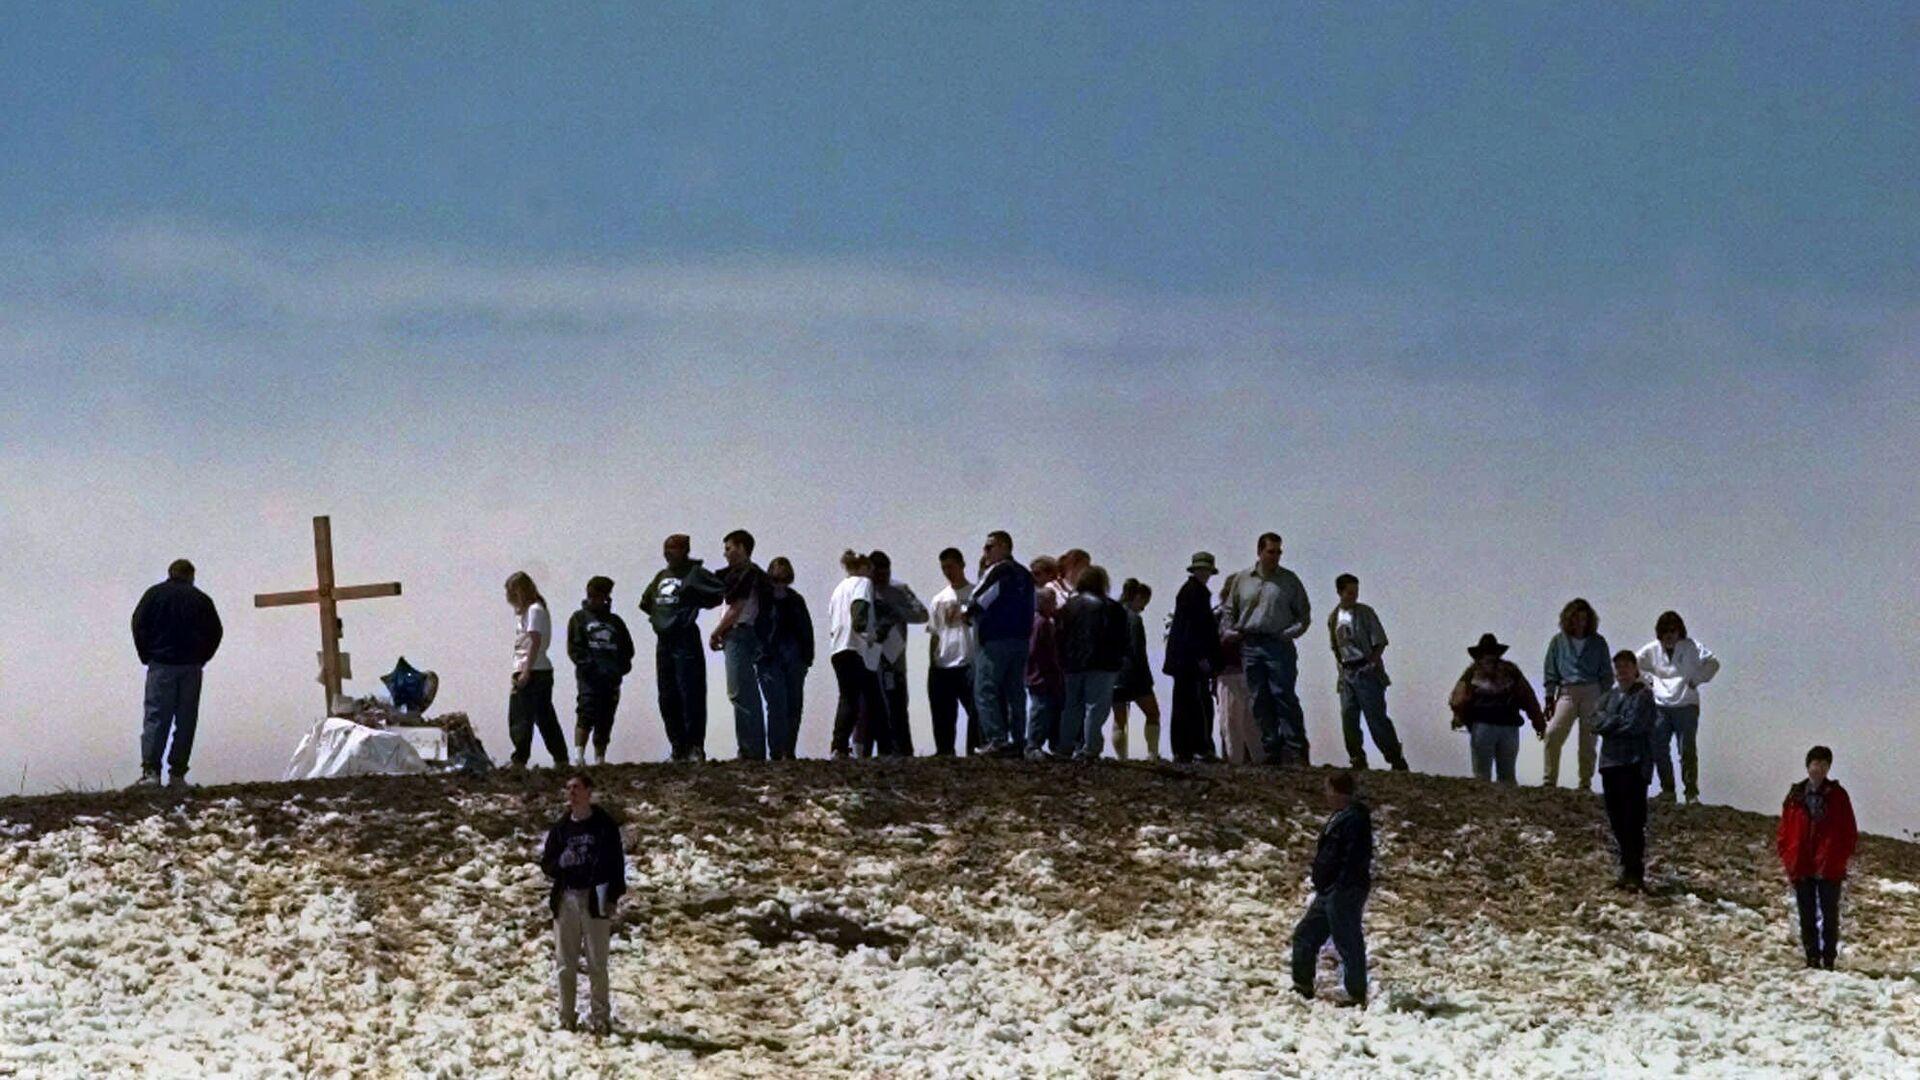 Скорбящие по погибшим в результате стрельбы в школе Колумбайн на вершине холма рядом со школой. 24 апреля 1999 - РИА Новости, 1920, 07.06.2019